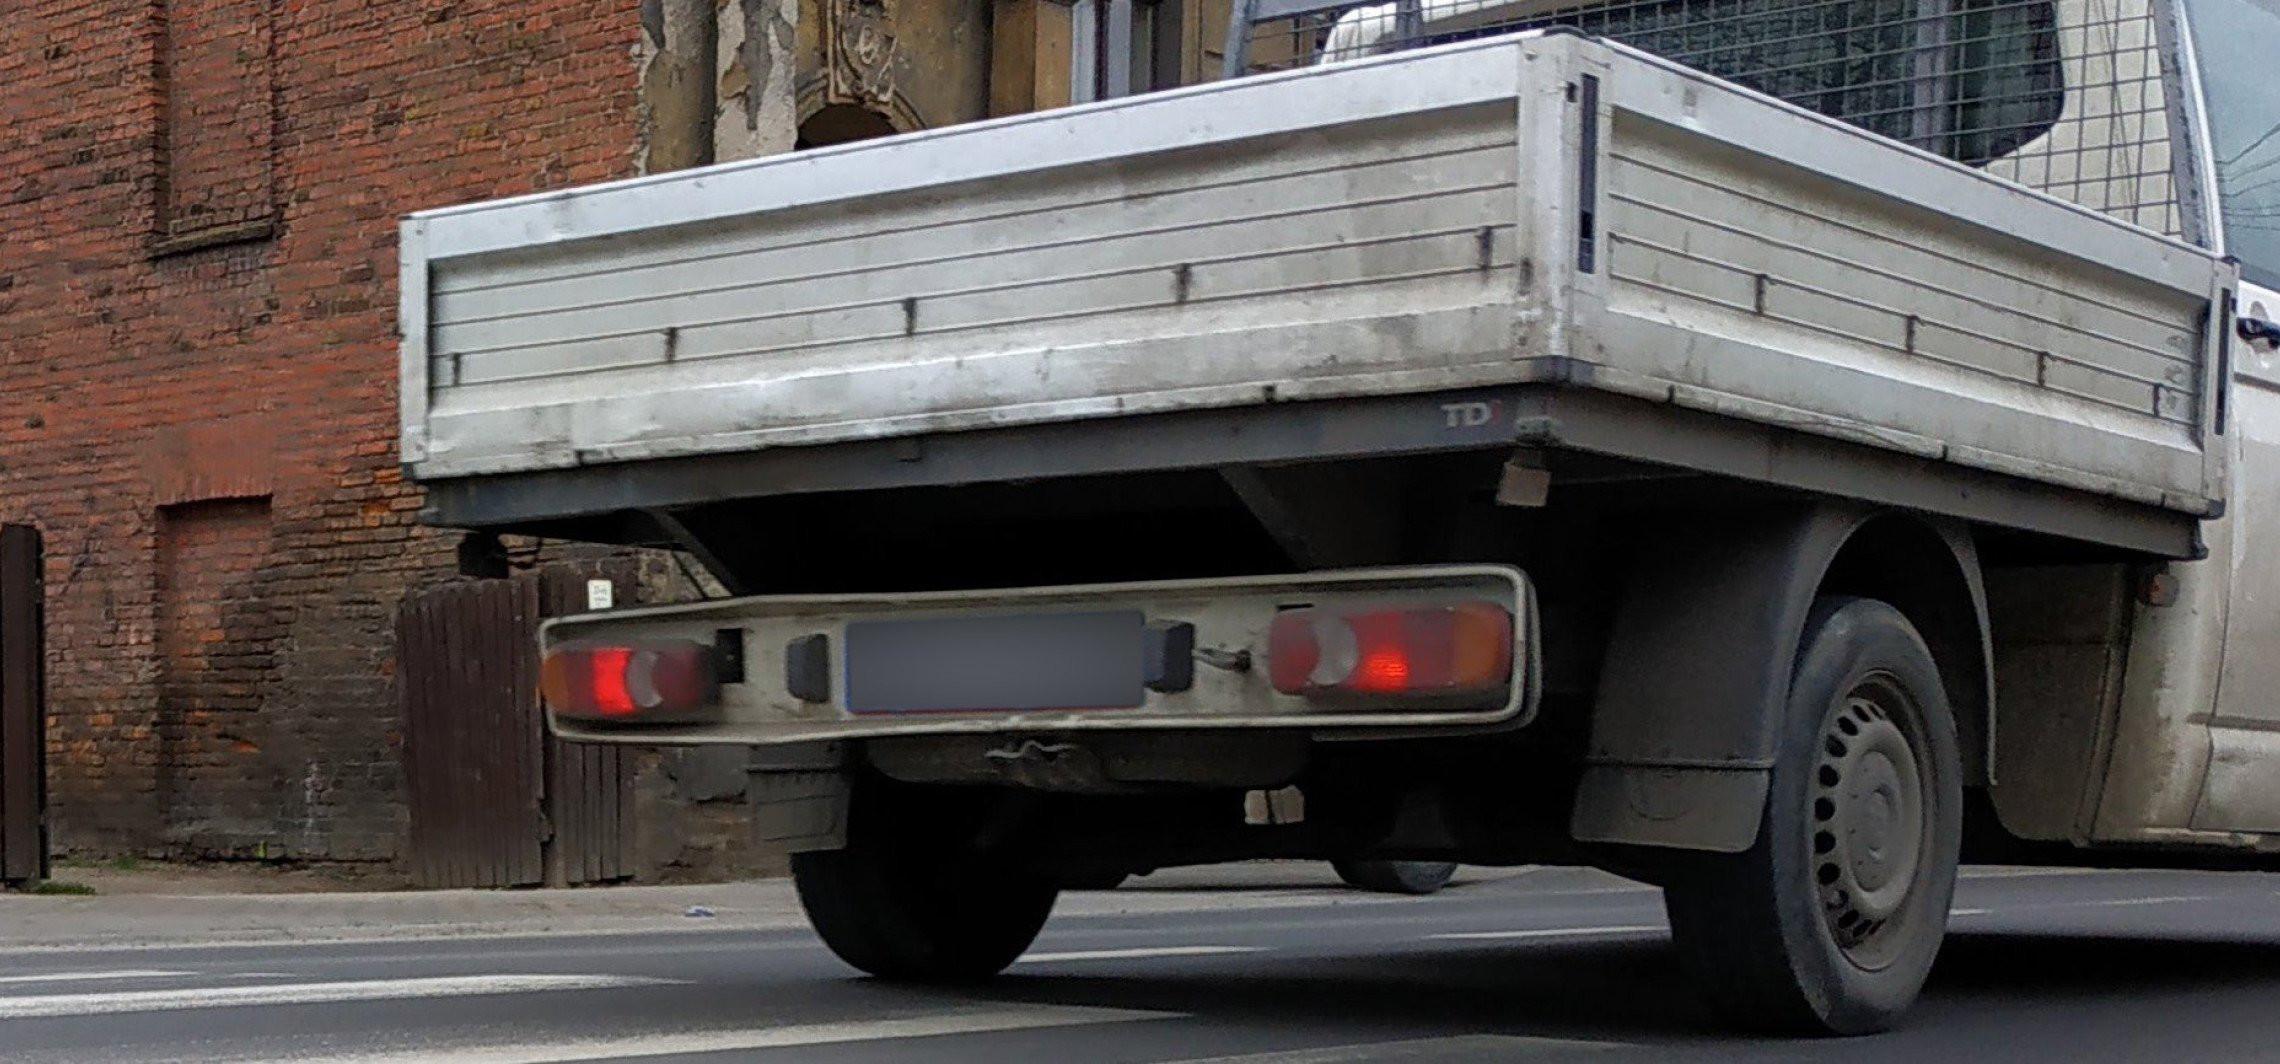 Janikowo - Ukradł samochód z warsztatu. To była zemsta